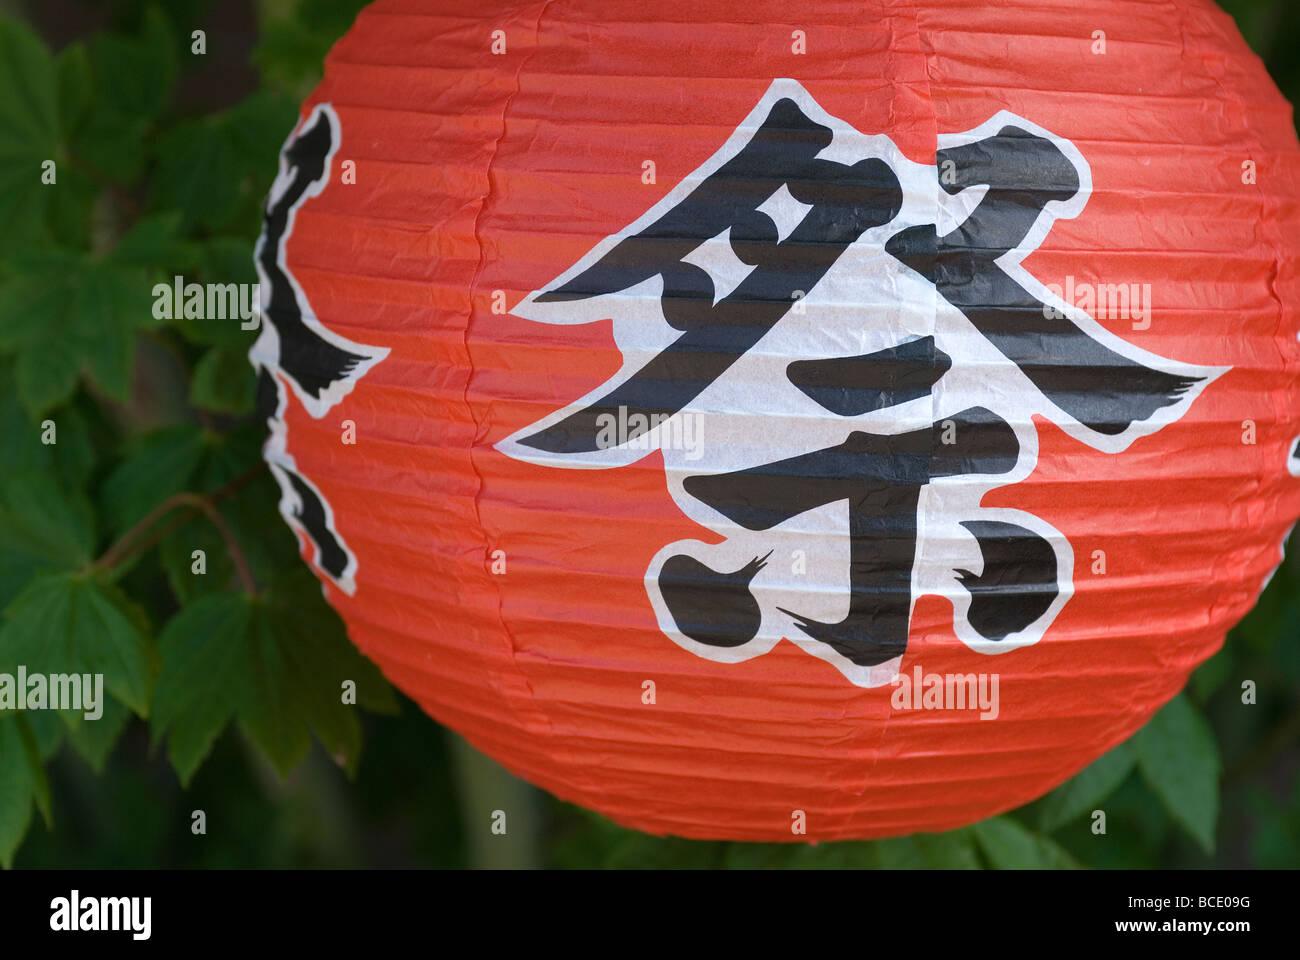 Discussion sur l'étoile du 16 avril    2019 - Page 2 Une-lanterne-de-papier-rouge-vif-avec-les-kanji-japonais-matsuri-ou-festival-peint-sur-elle-bce09g